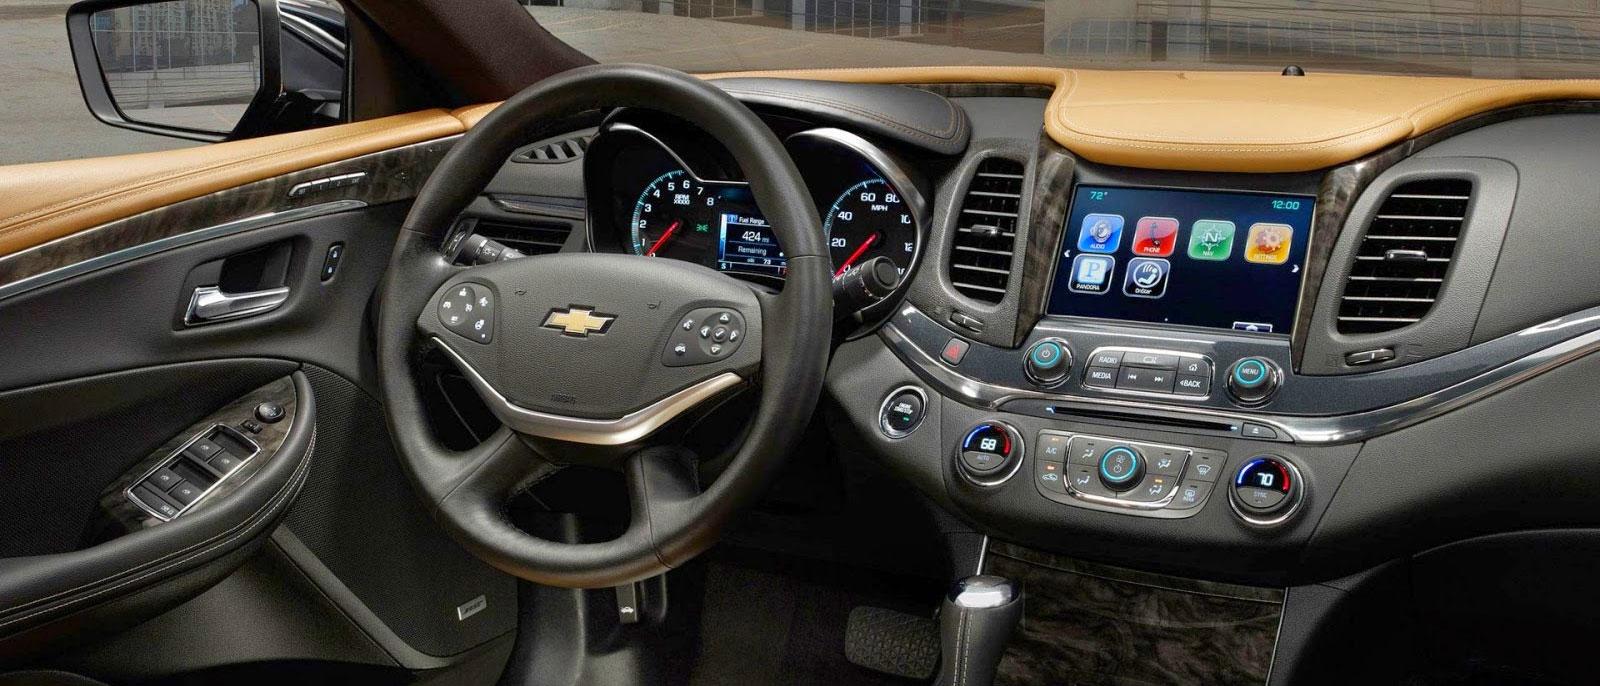 Chevy Dealer Chicago >> 2004 Chevy Impala Interior Parts | Brokeasshome.com